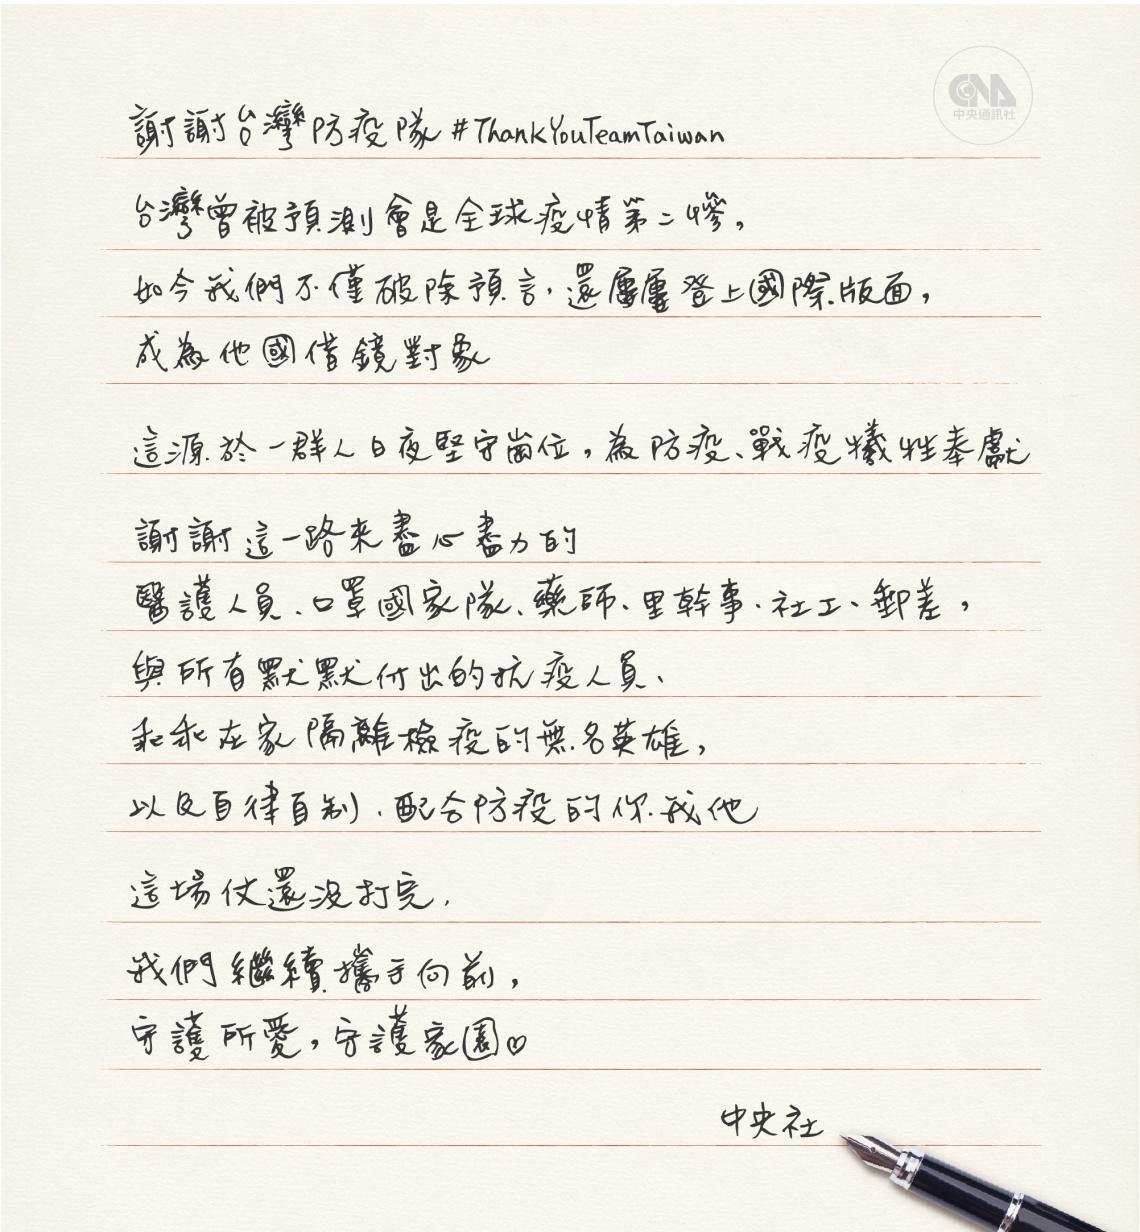 20200427_謝謝台灣防疫隊感謝信2